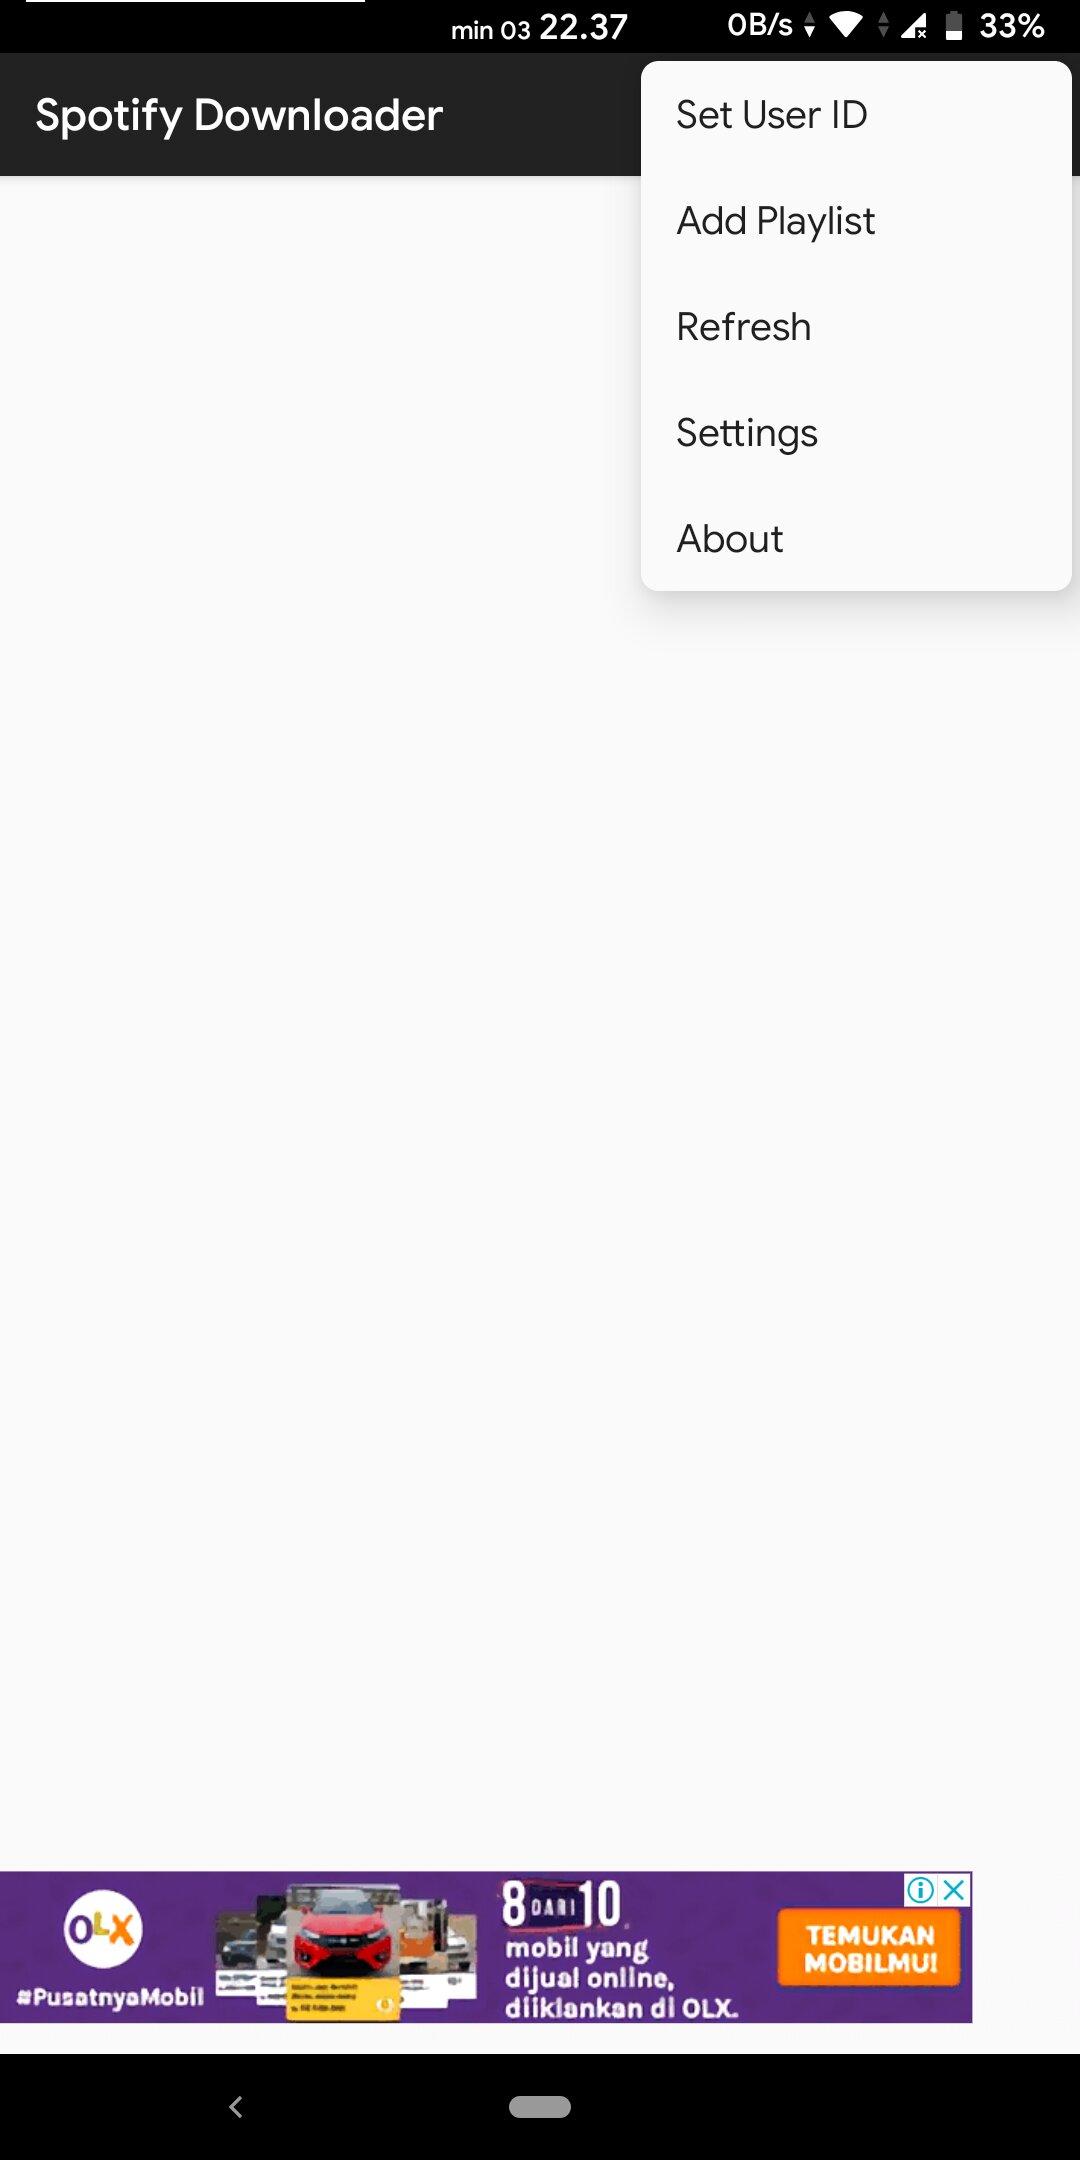 Download Lagu Dari Spotify Ke Mp3 Di Android